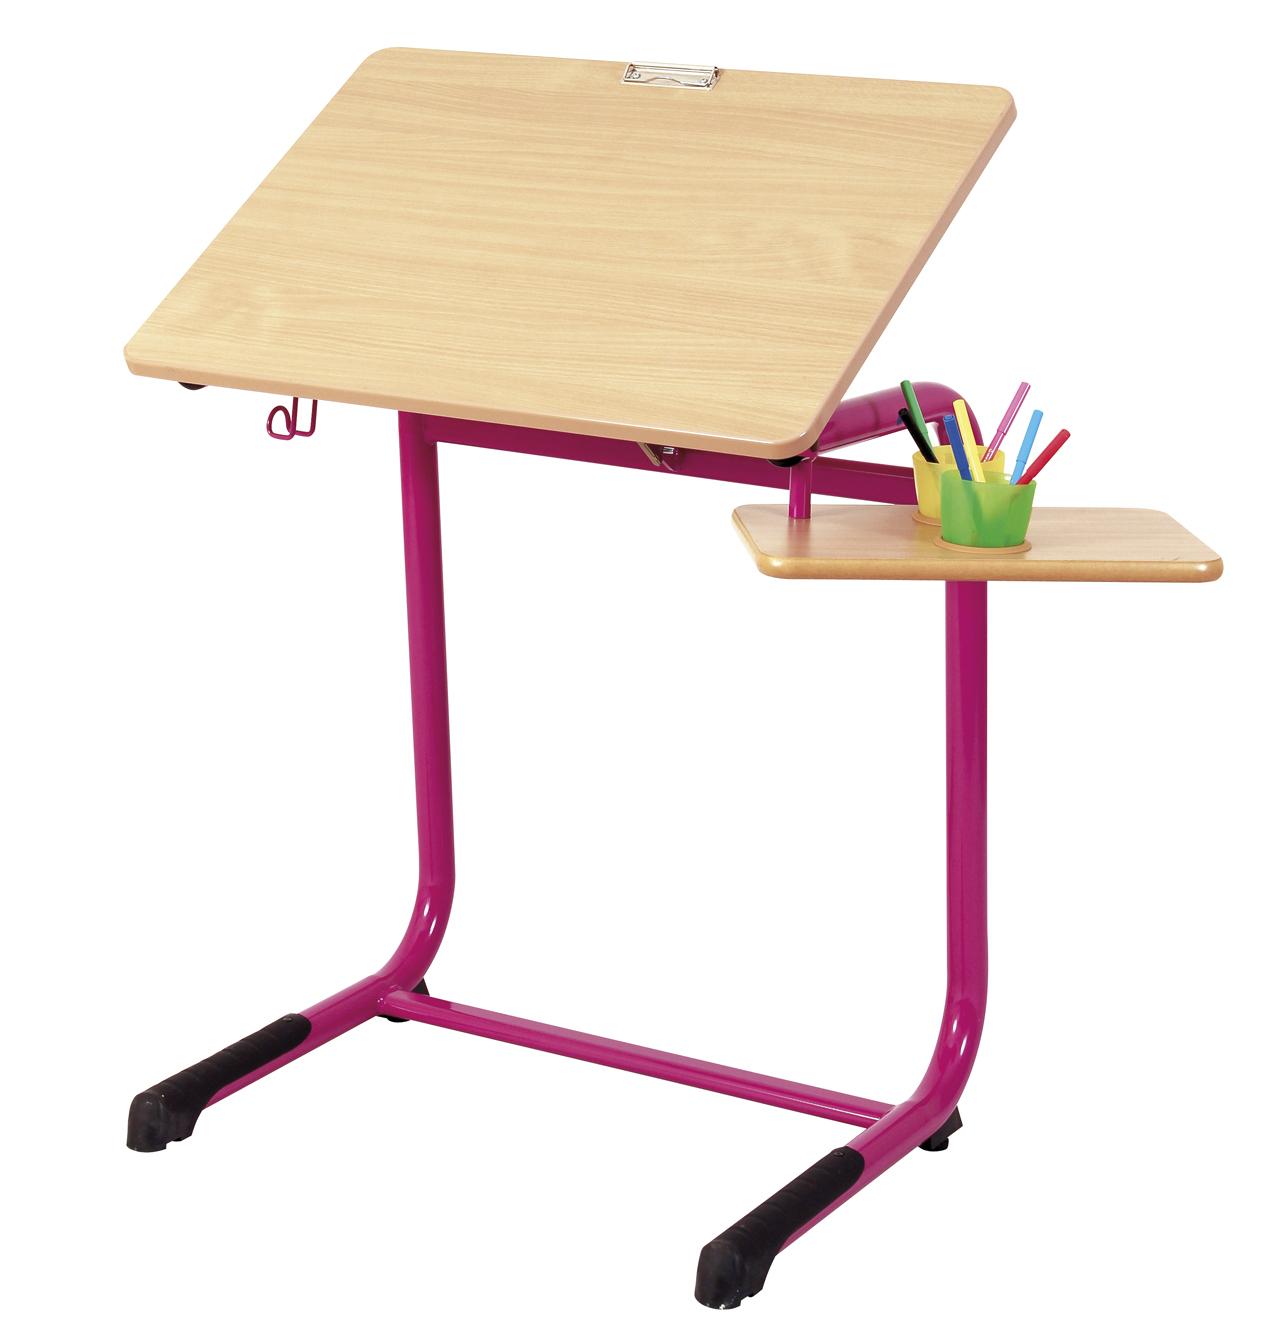 Výškově stavitelné školní lavice - dílenské, žákovské a učitelské stoly